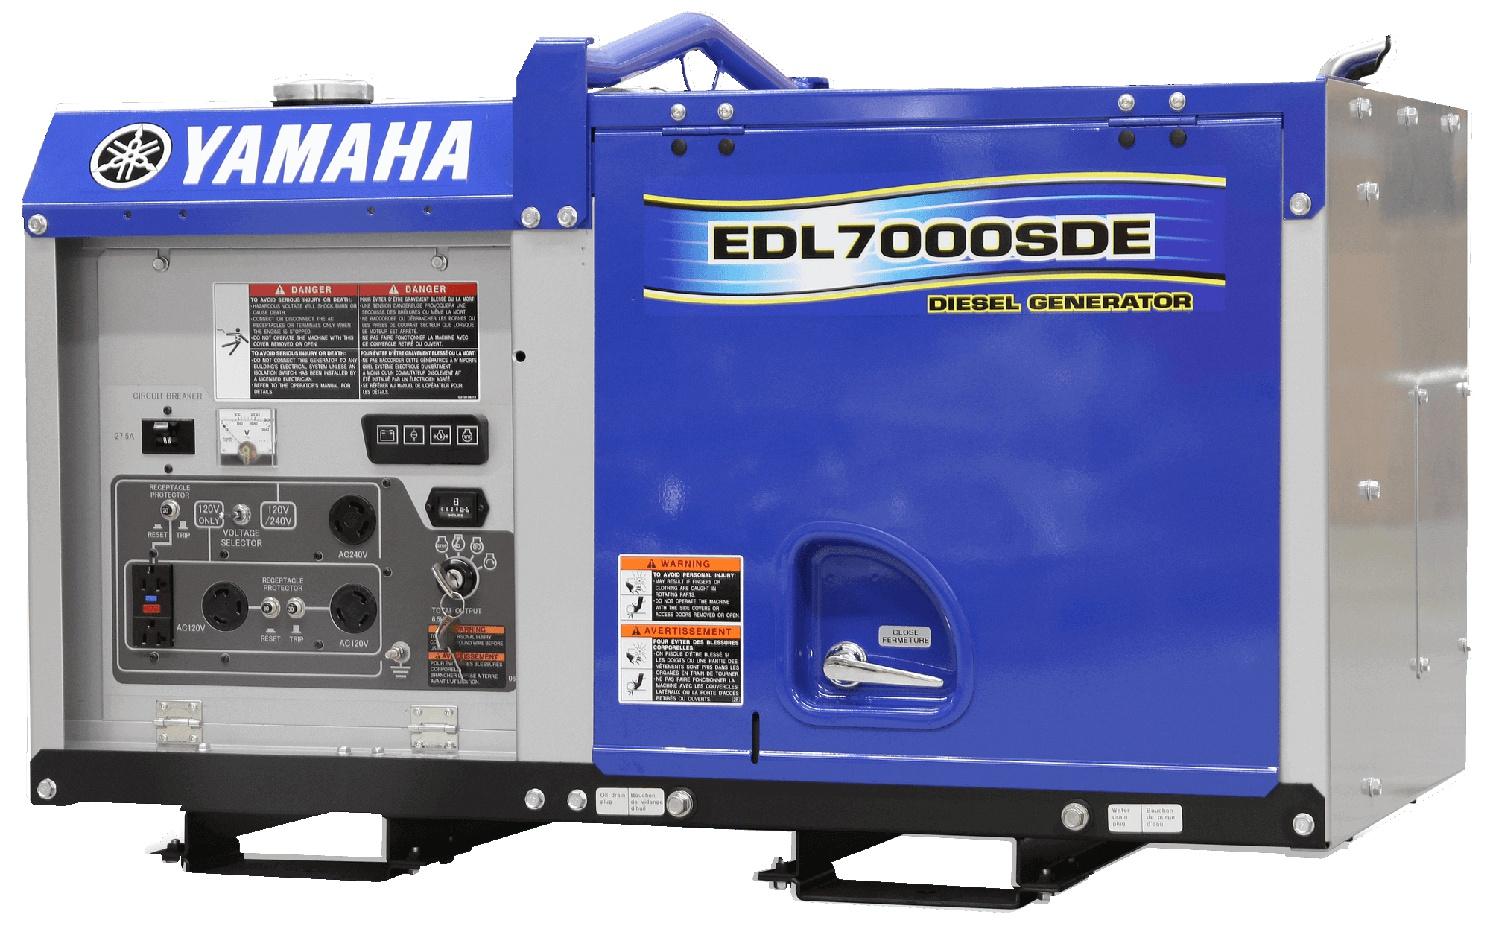 Yamaha Génératrices au diesel EDL7000SDE 2021